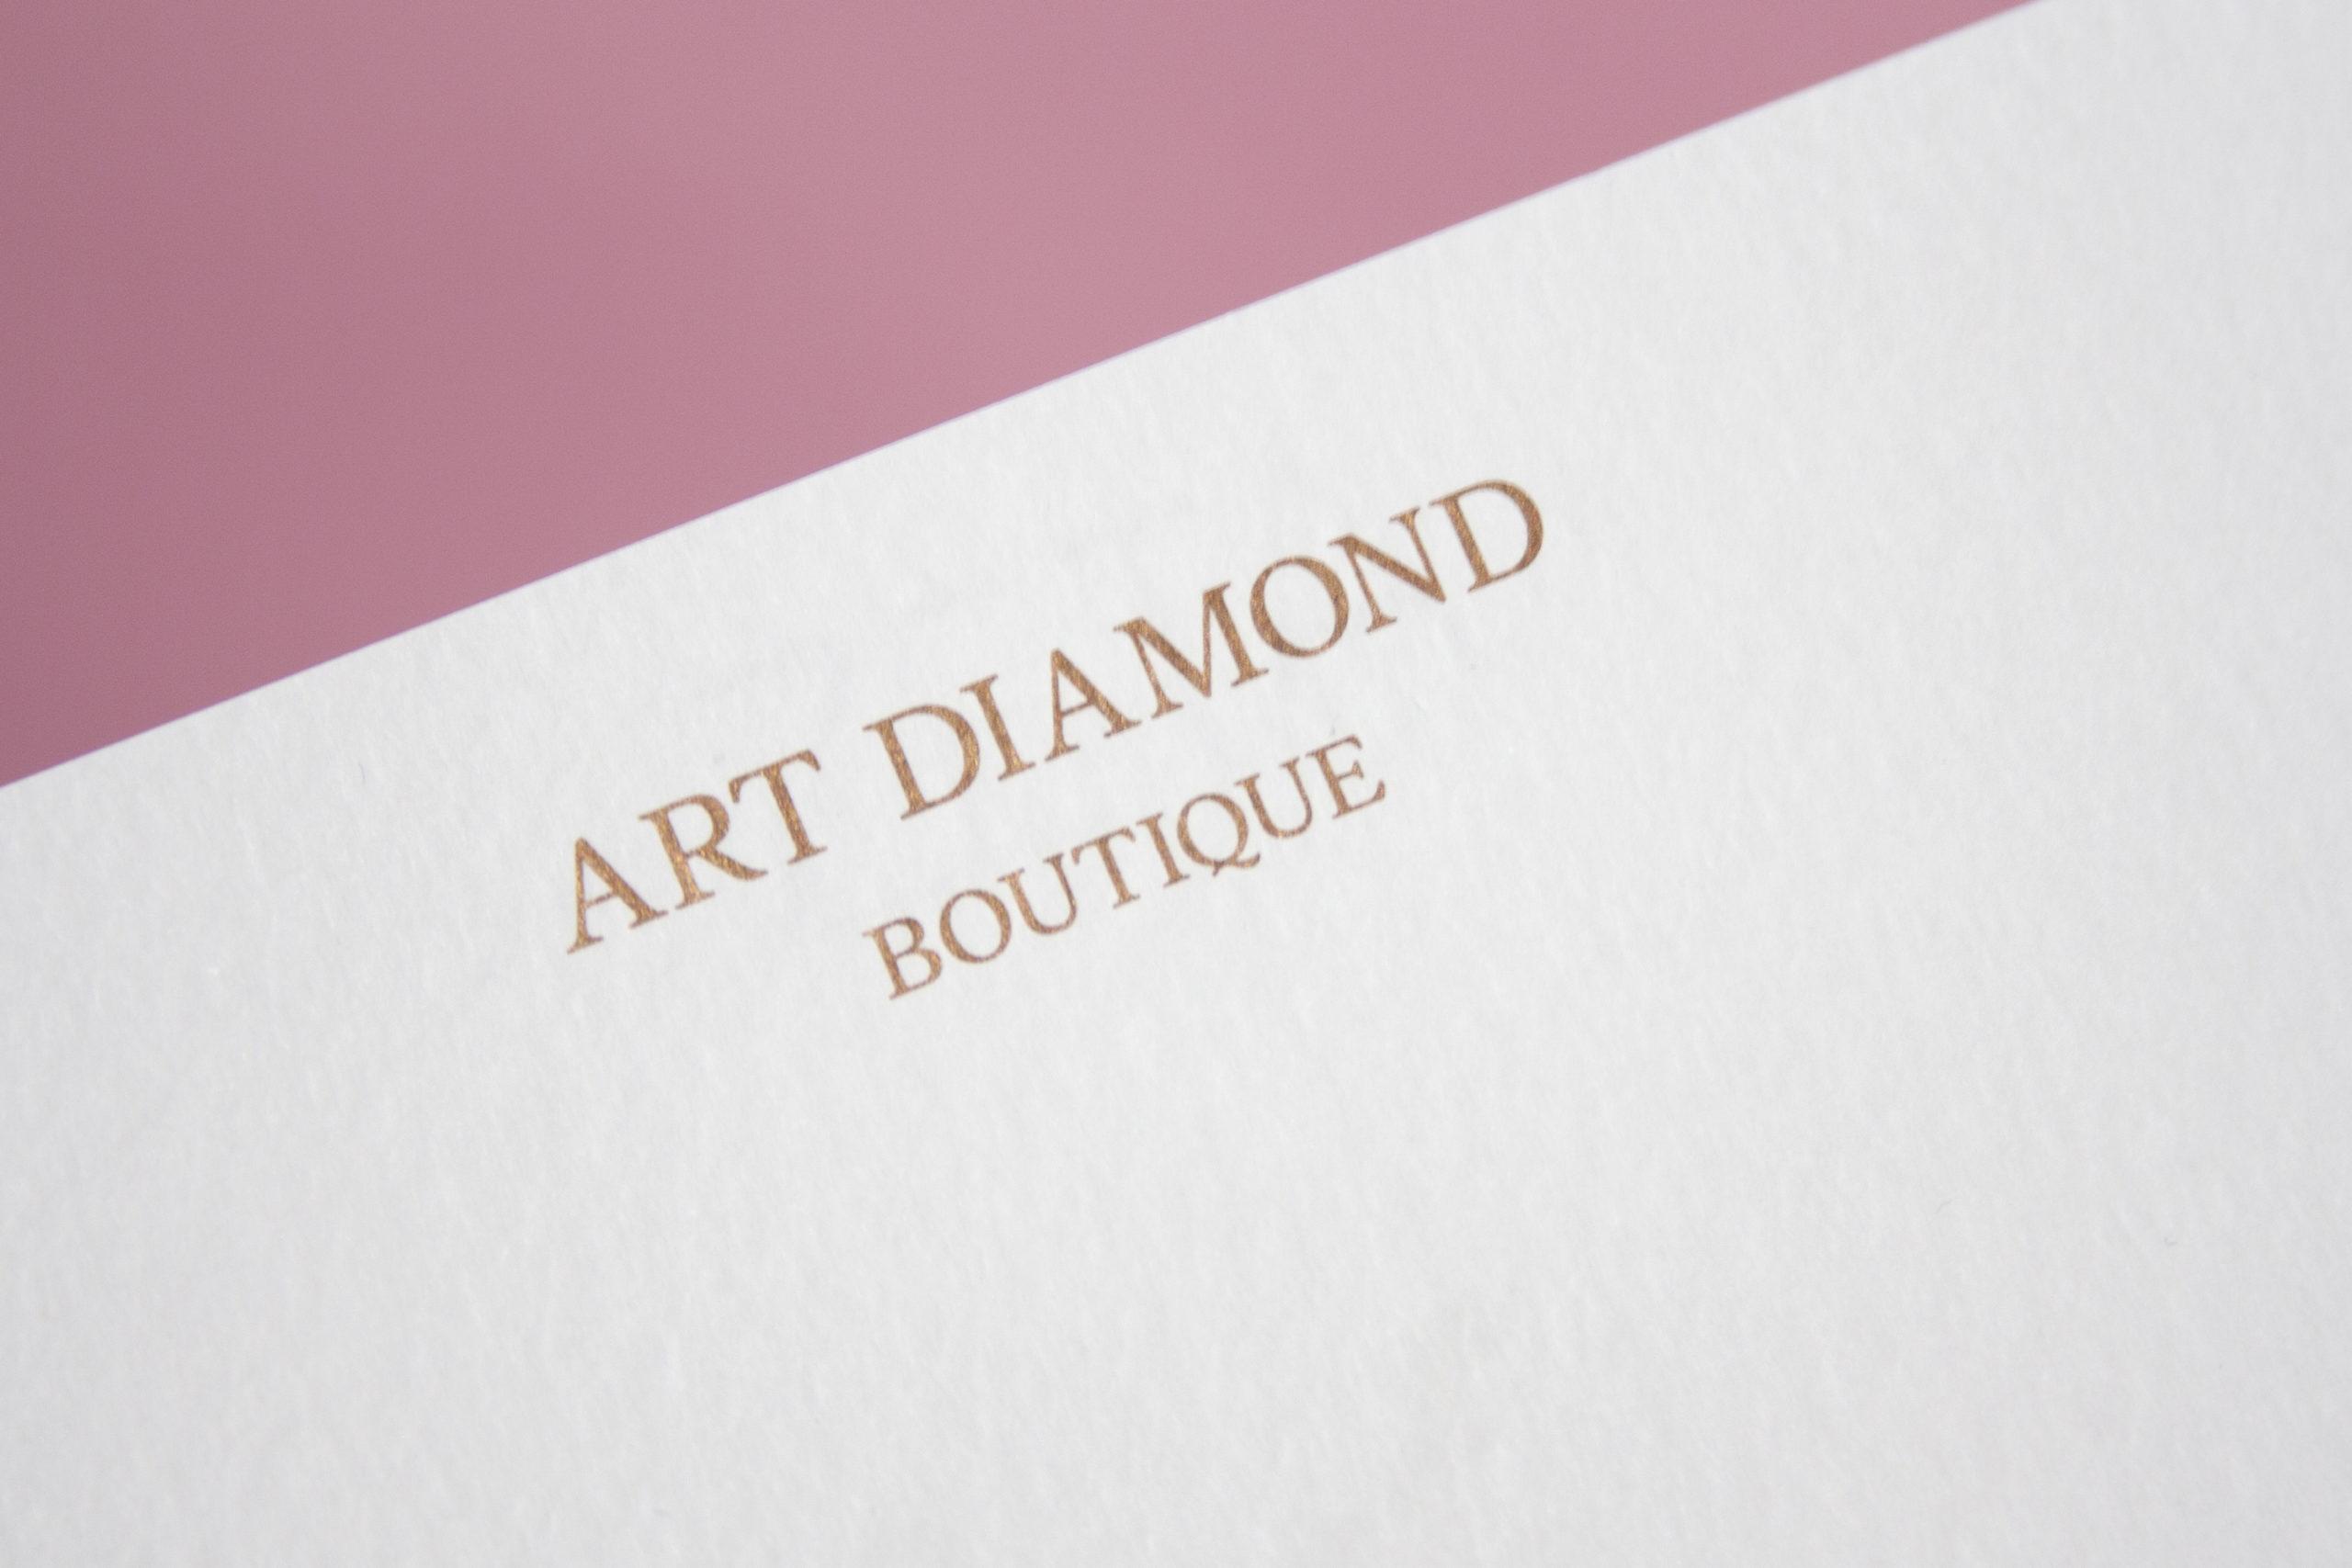 2point3 Art Diamond